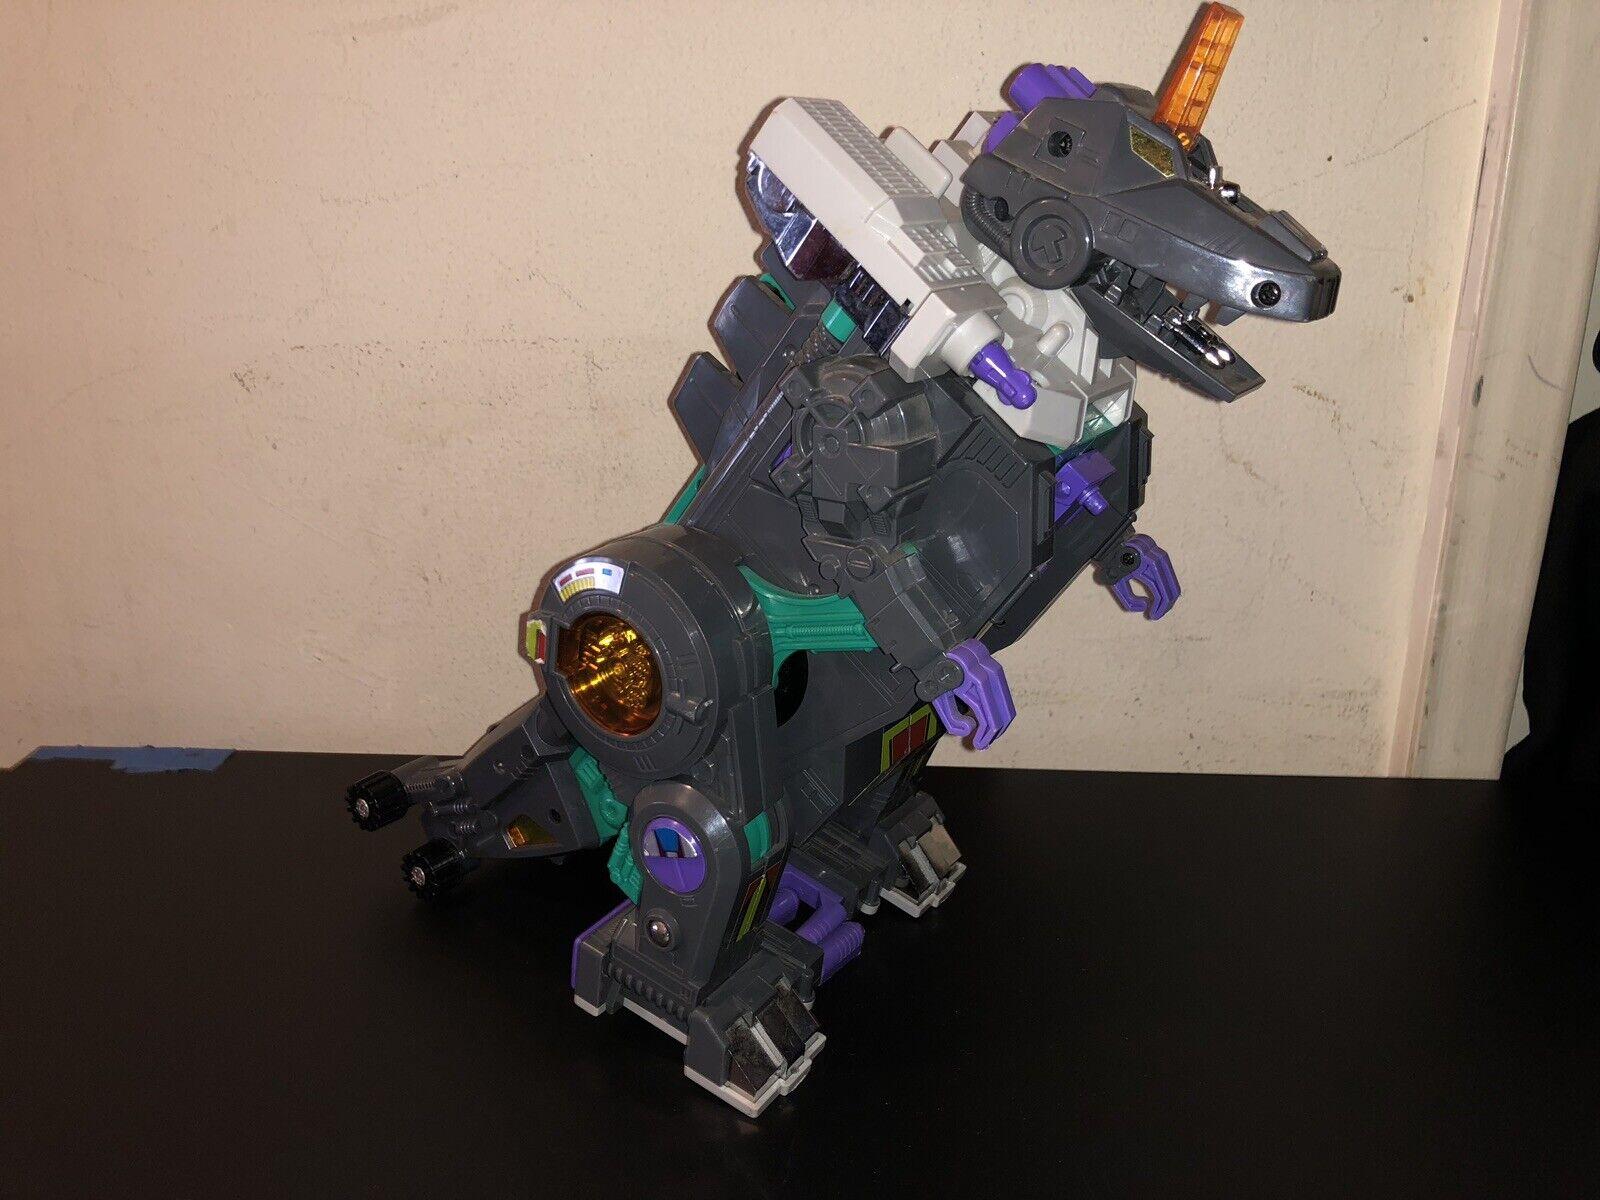 Transformers Original G1 1986 Decepticon Trypticon Excelente Vintage